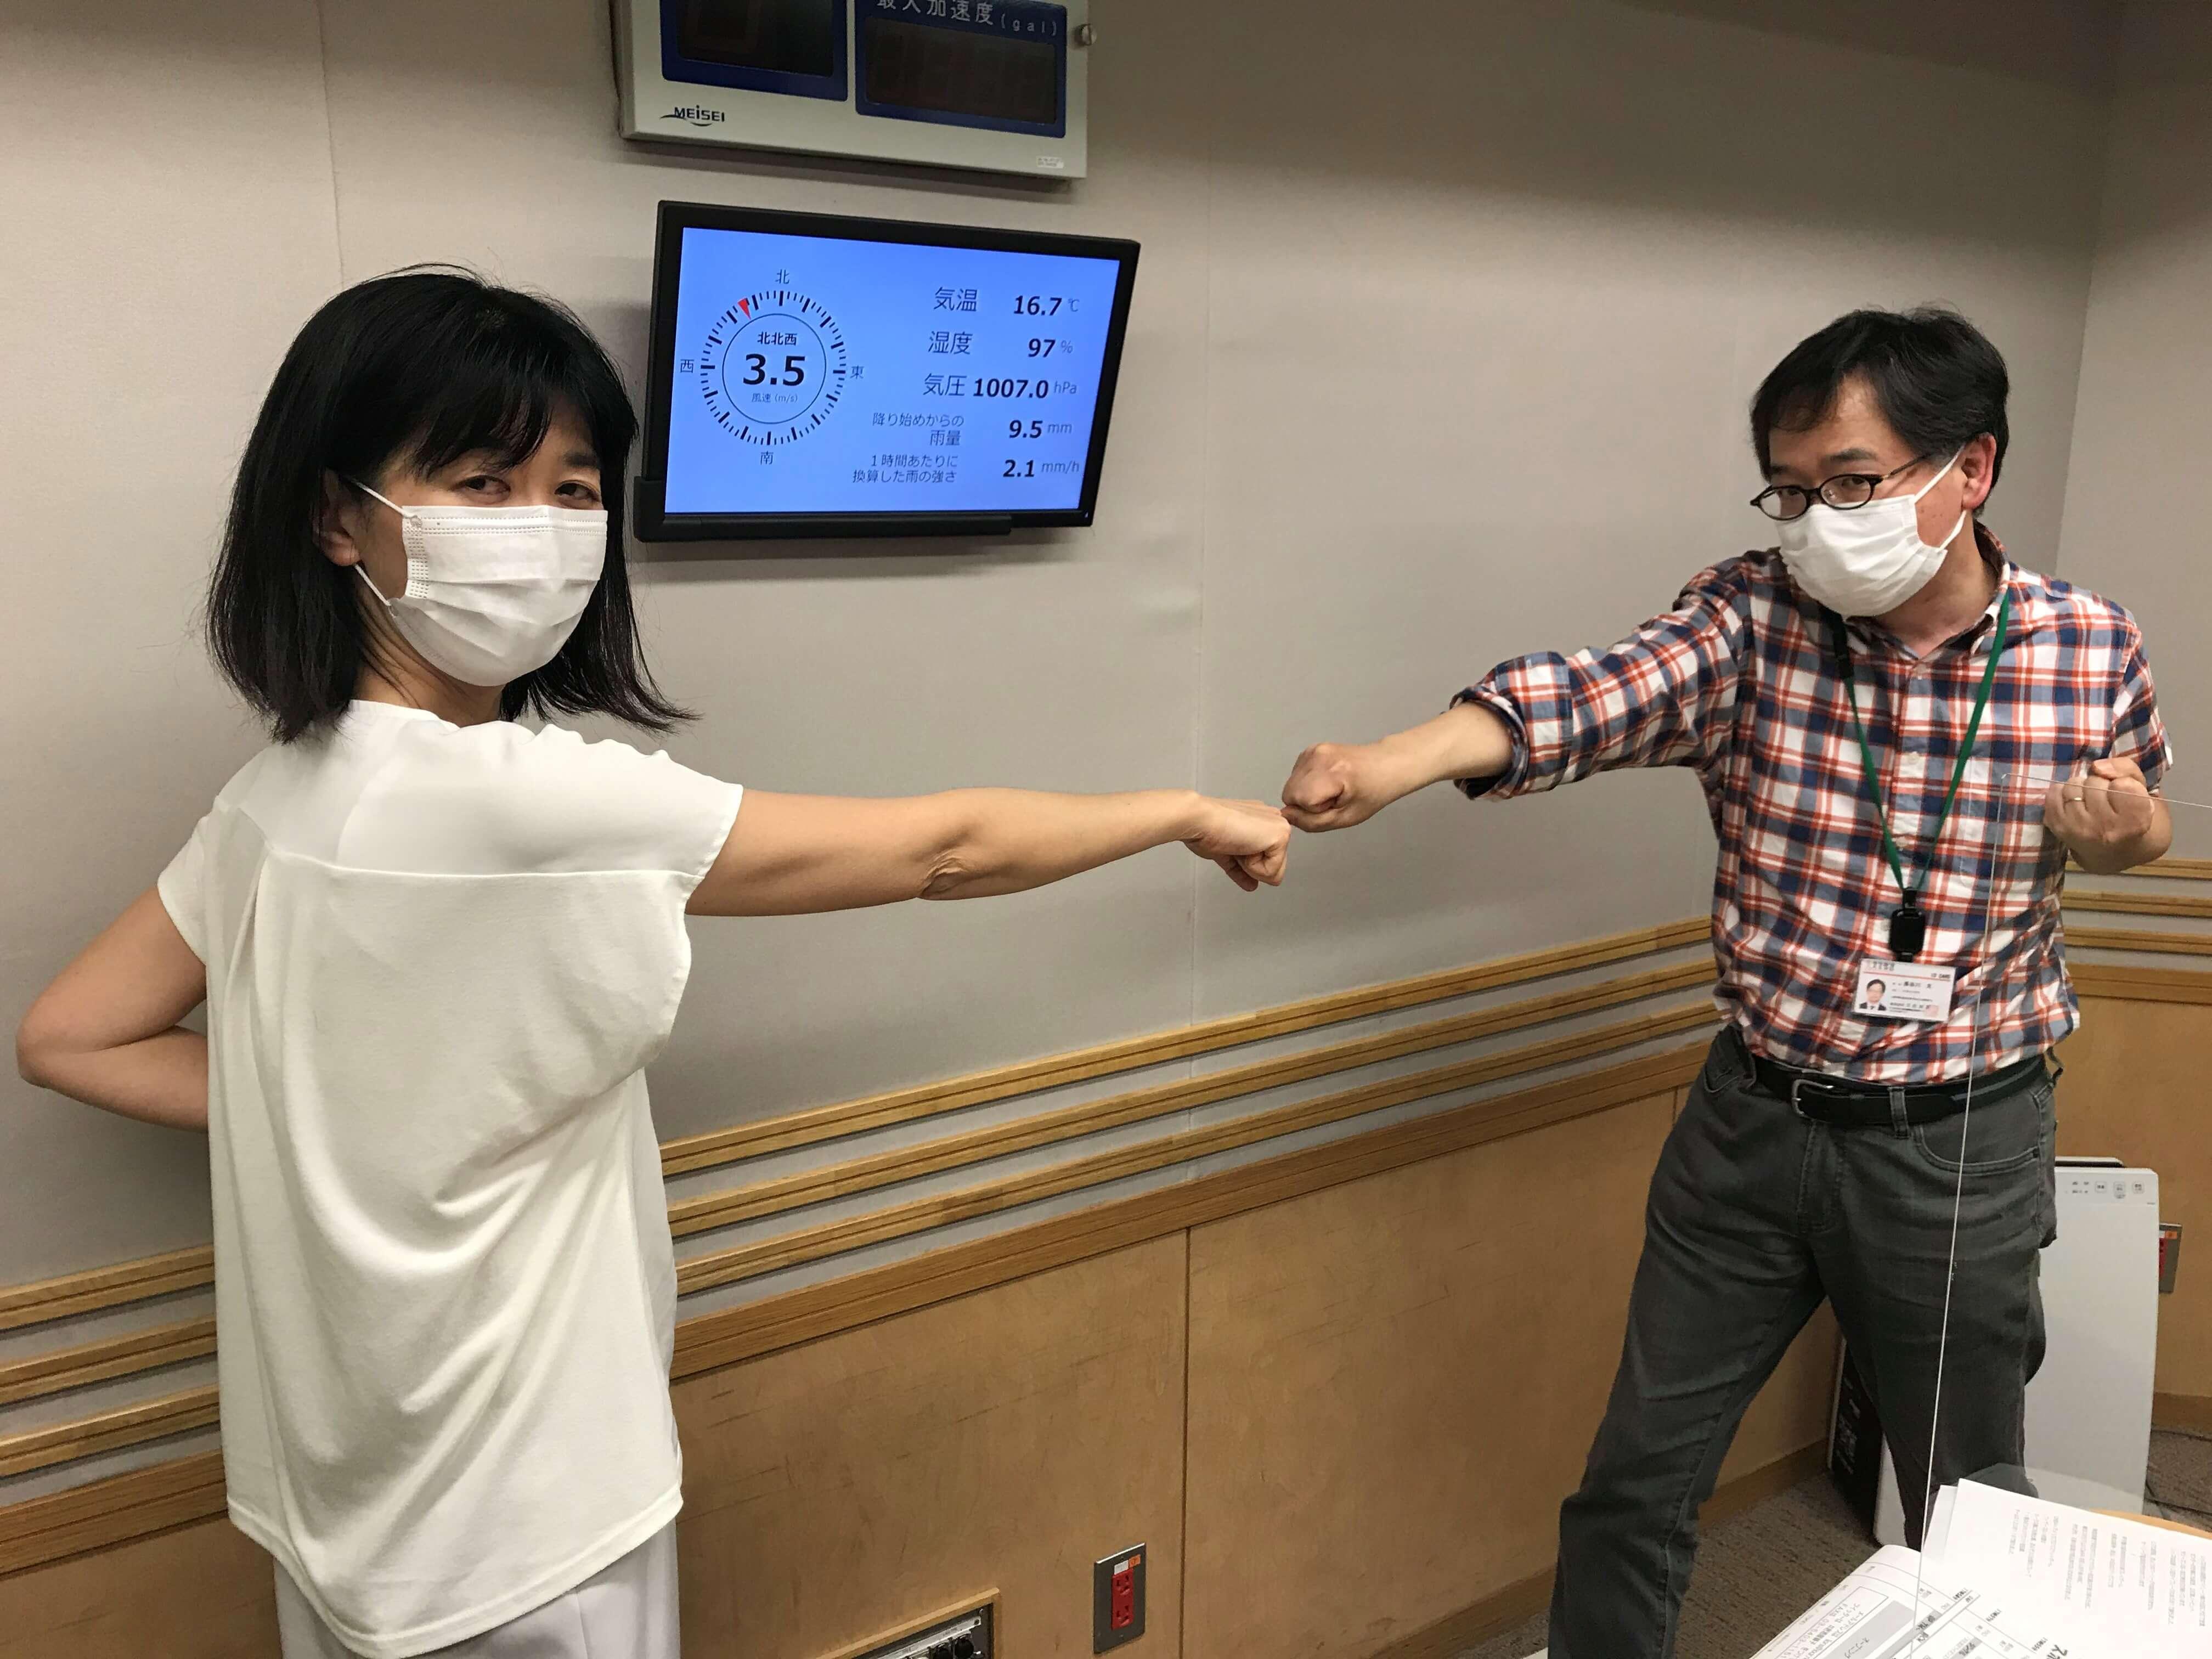 『スポーツ居酒屋 獅子』(5月13日)義足のレスラー、谷津嘉章さんがご来店!